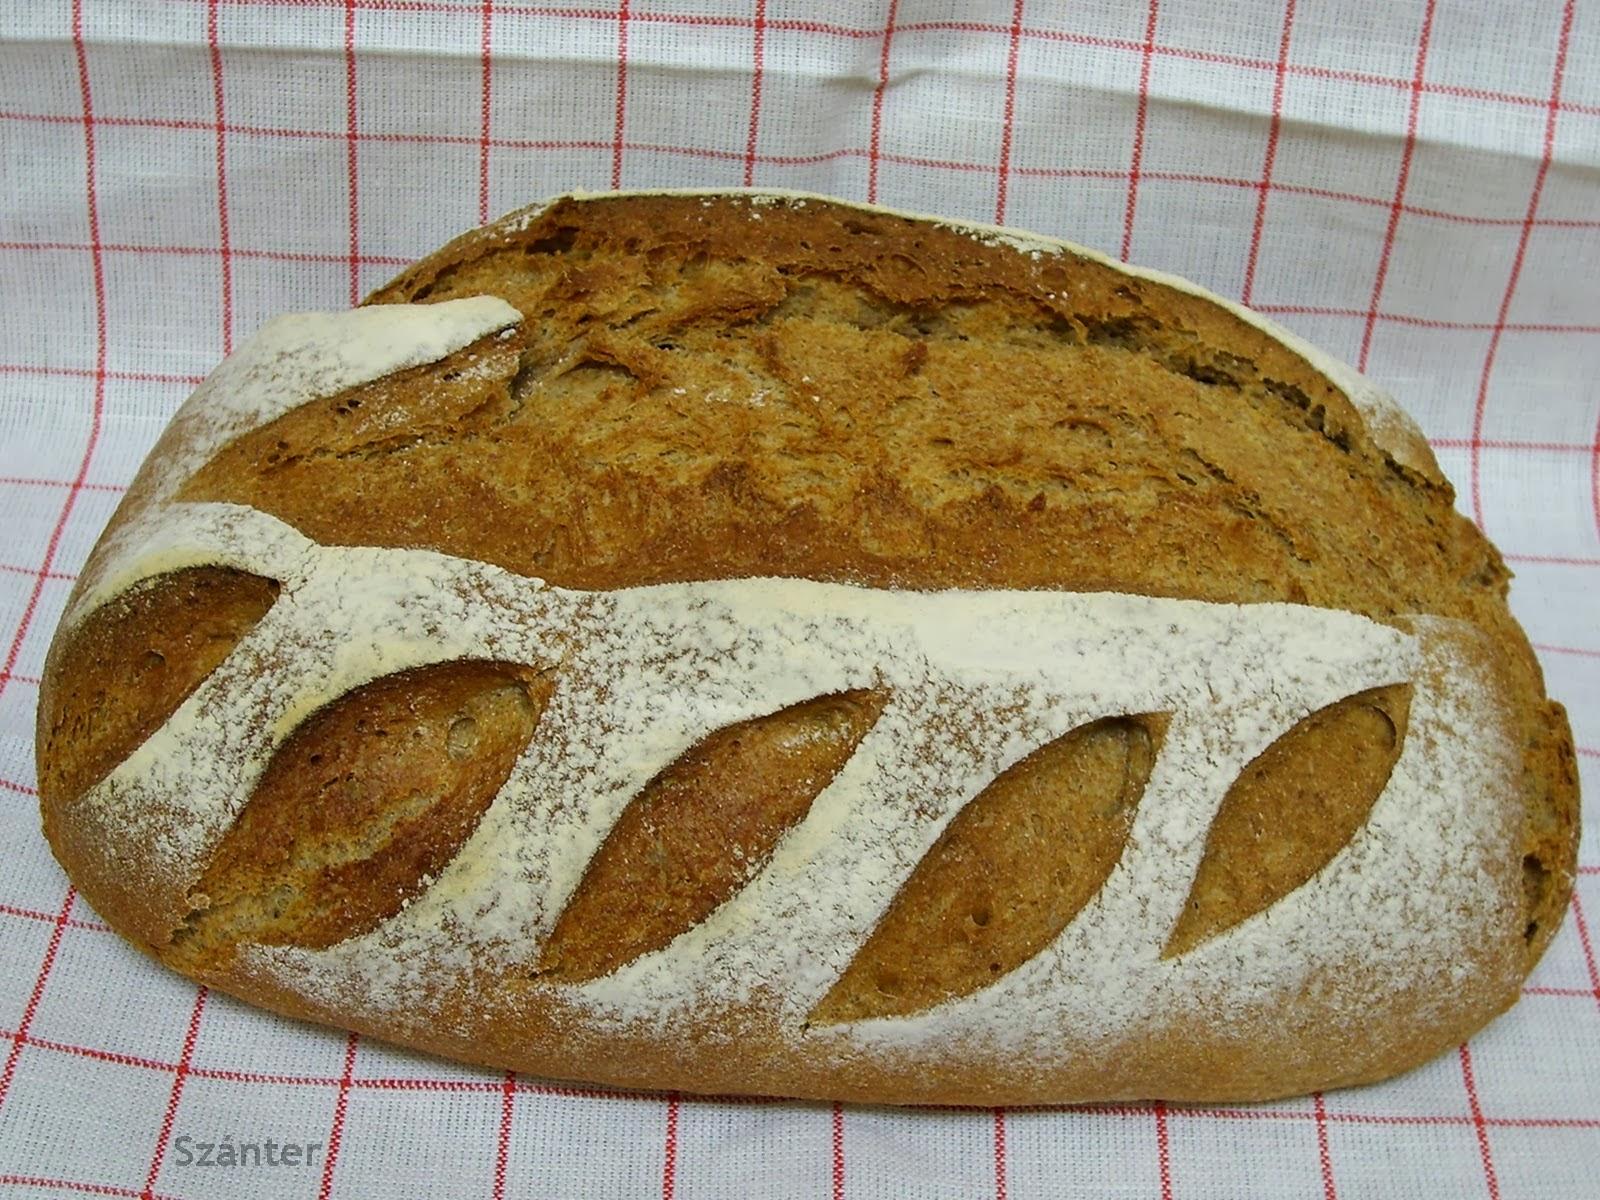 Rozs és tönkölybúzalisztes kenyér.